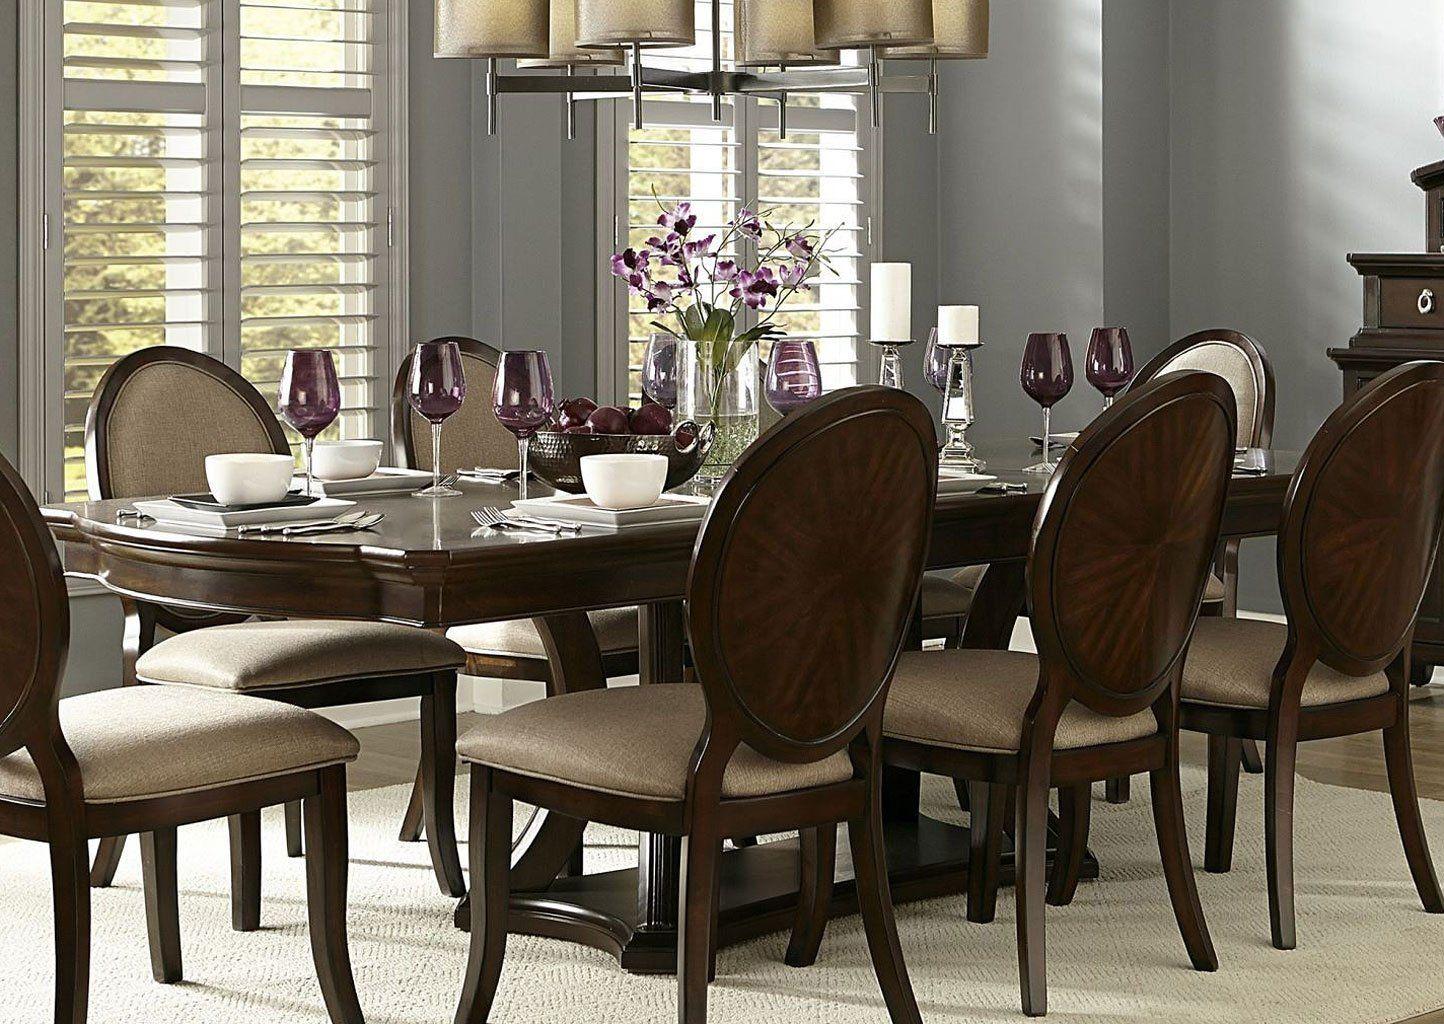 39+ Home elegance delavan dining table Best Choice